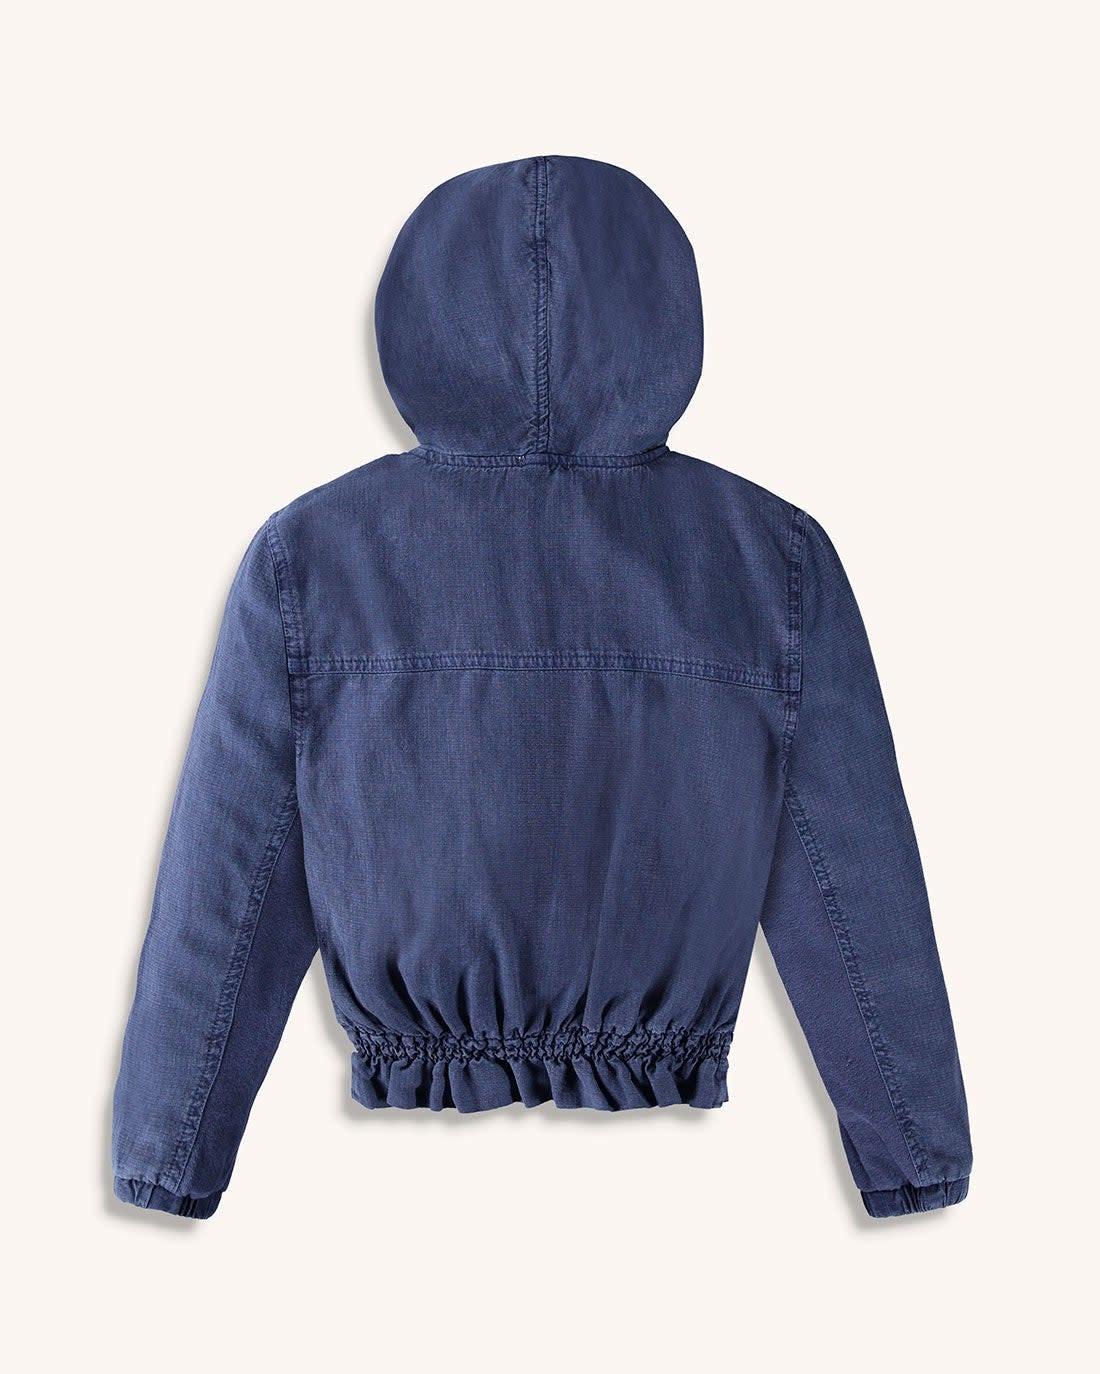 Splendid Denim Twill Jacket